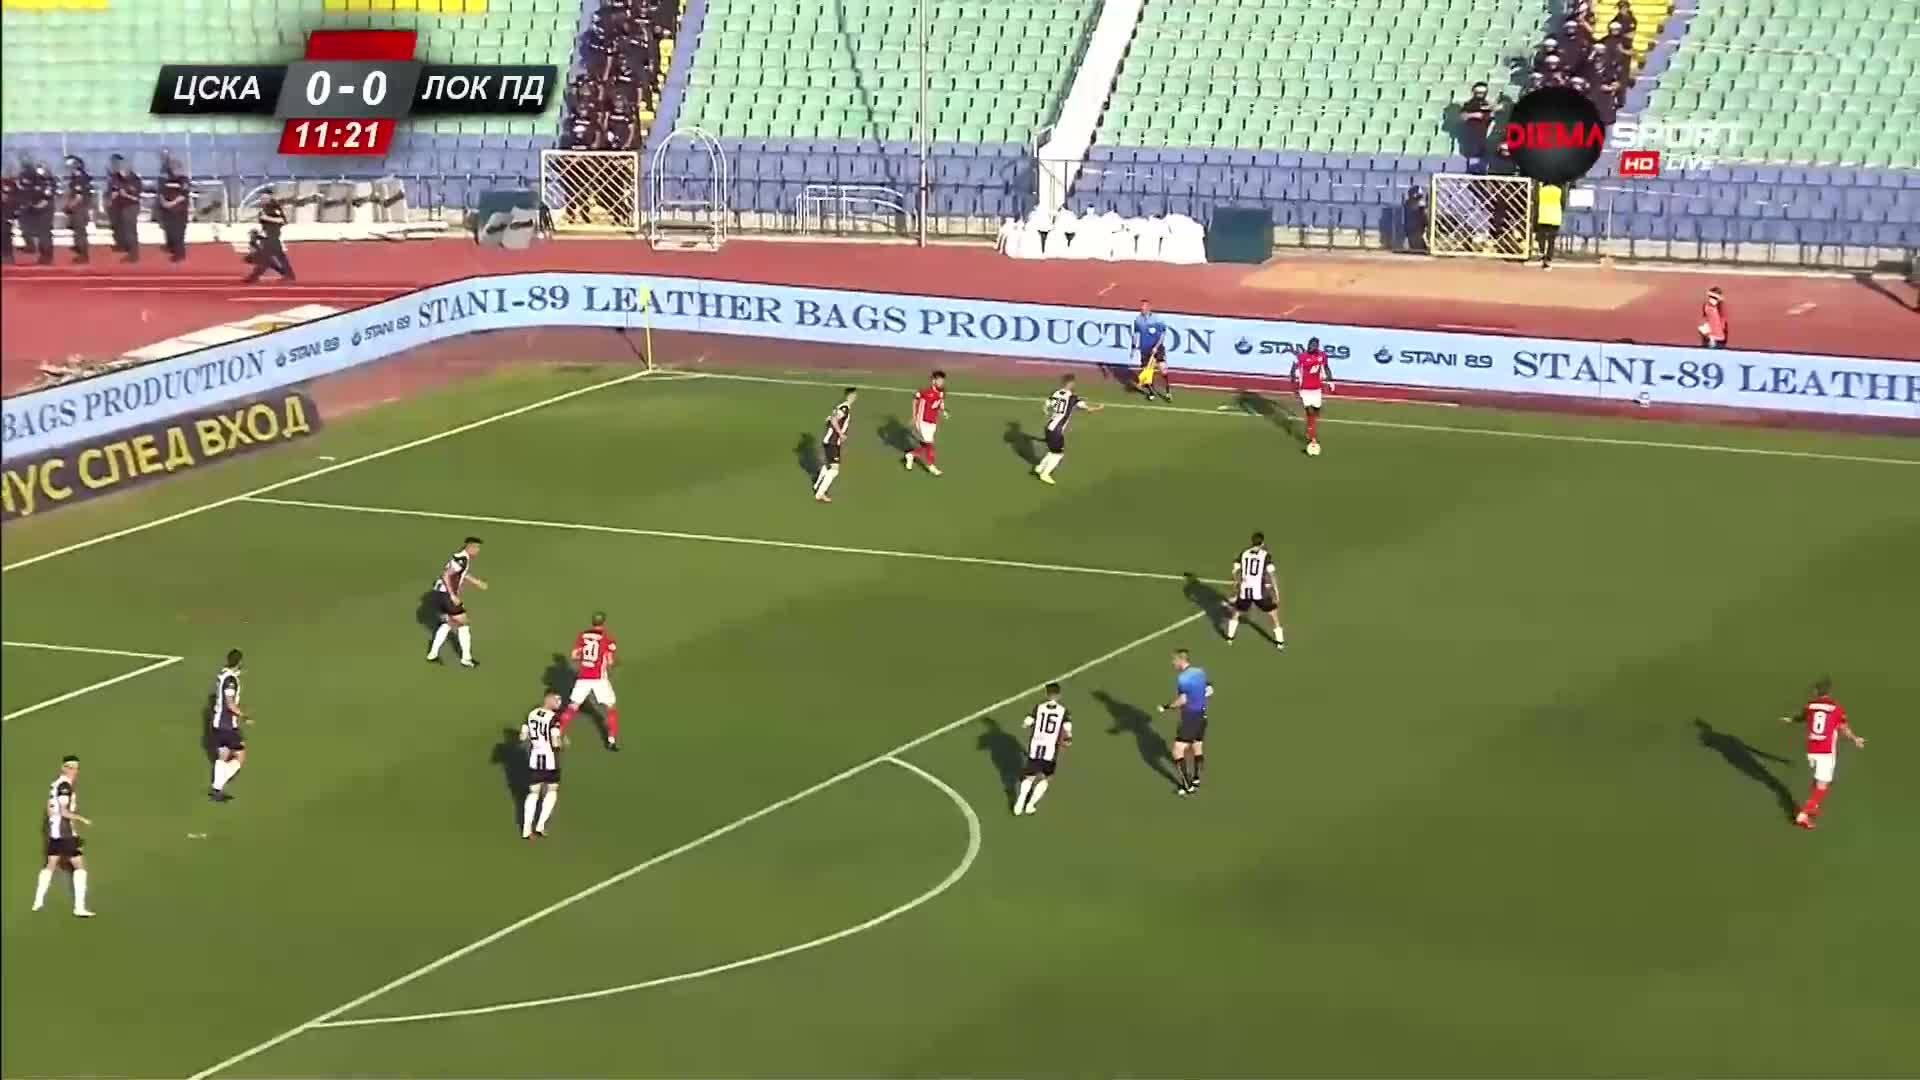 ЦСКА - Локомотив Пловдив 0:0 /първо полувреме/